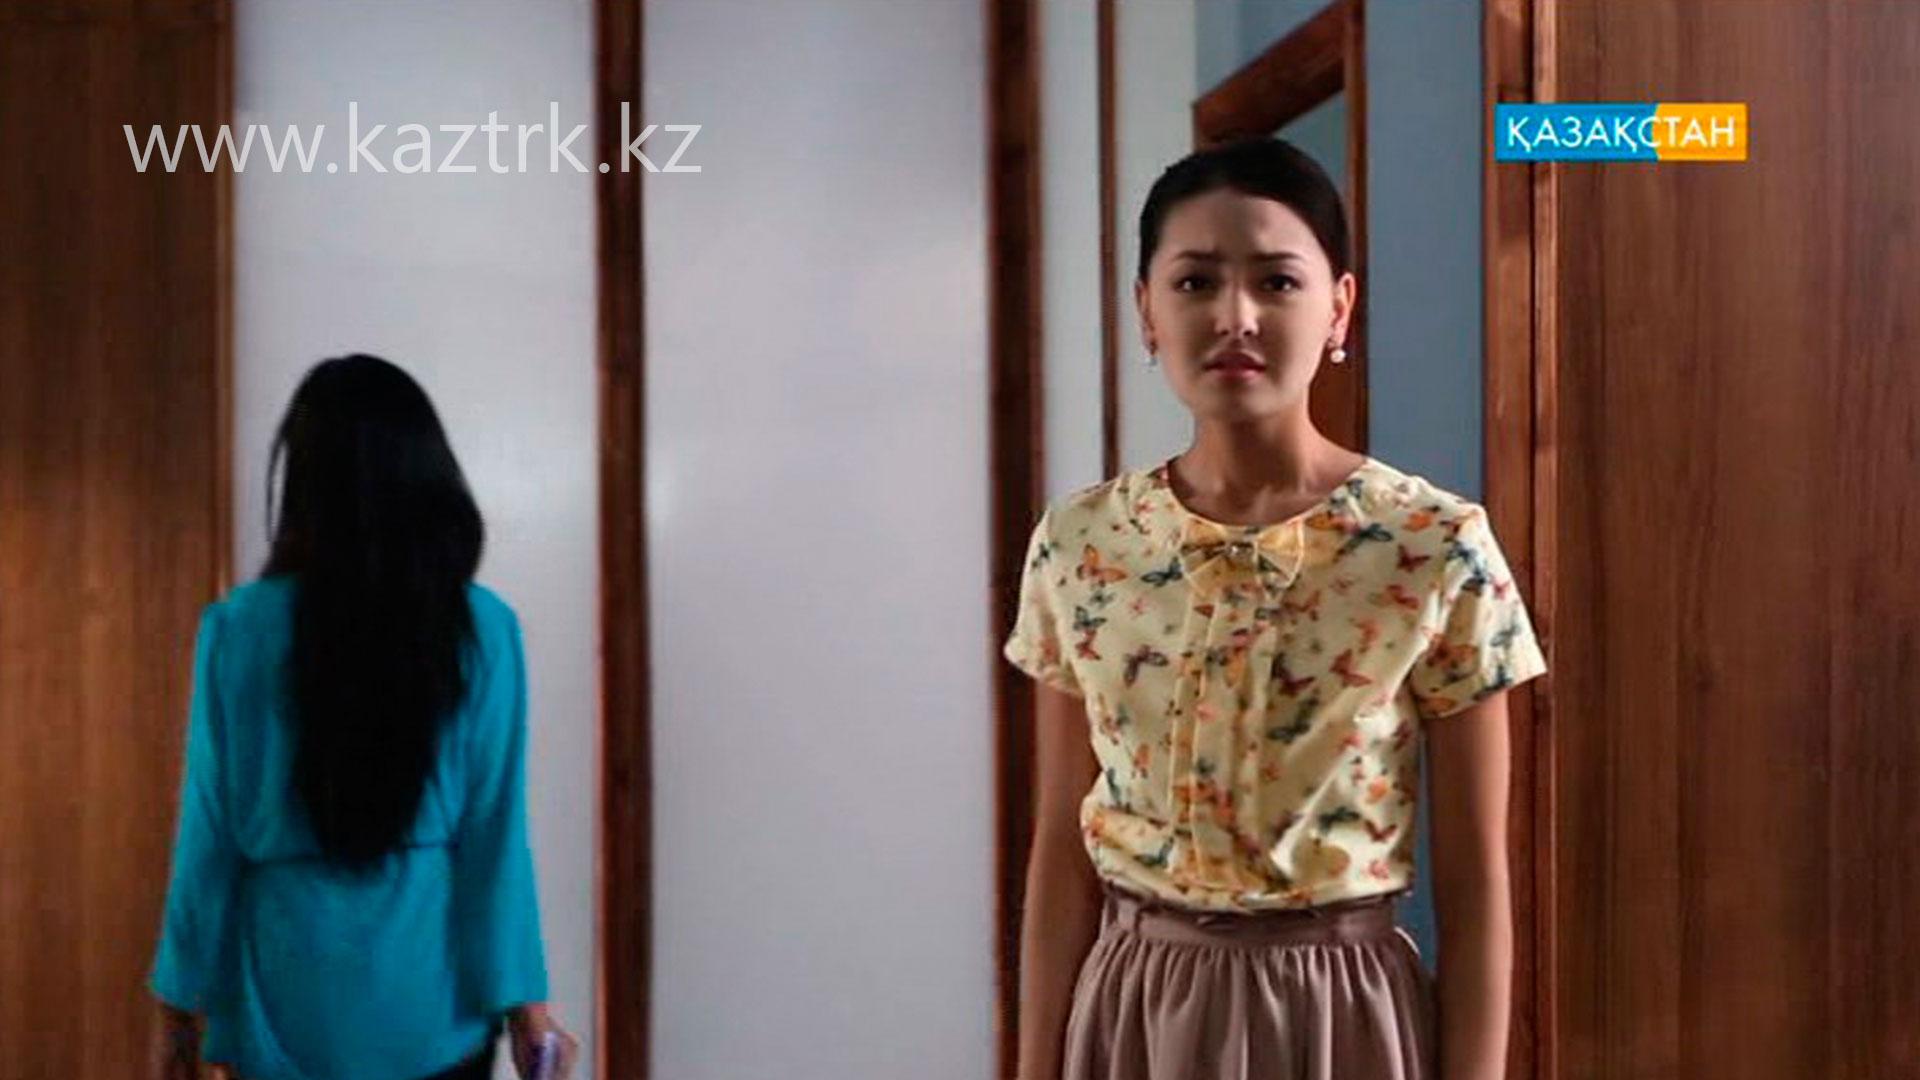 Тв казахстан смотреть онлайн бесплатно 7 фотография